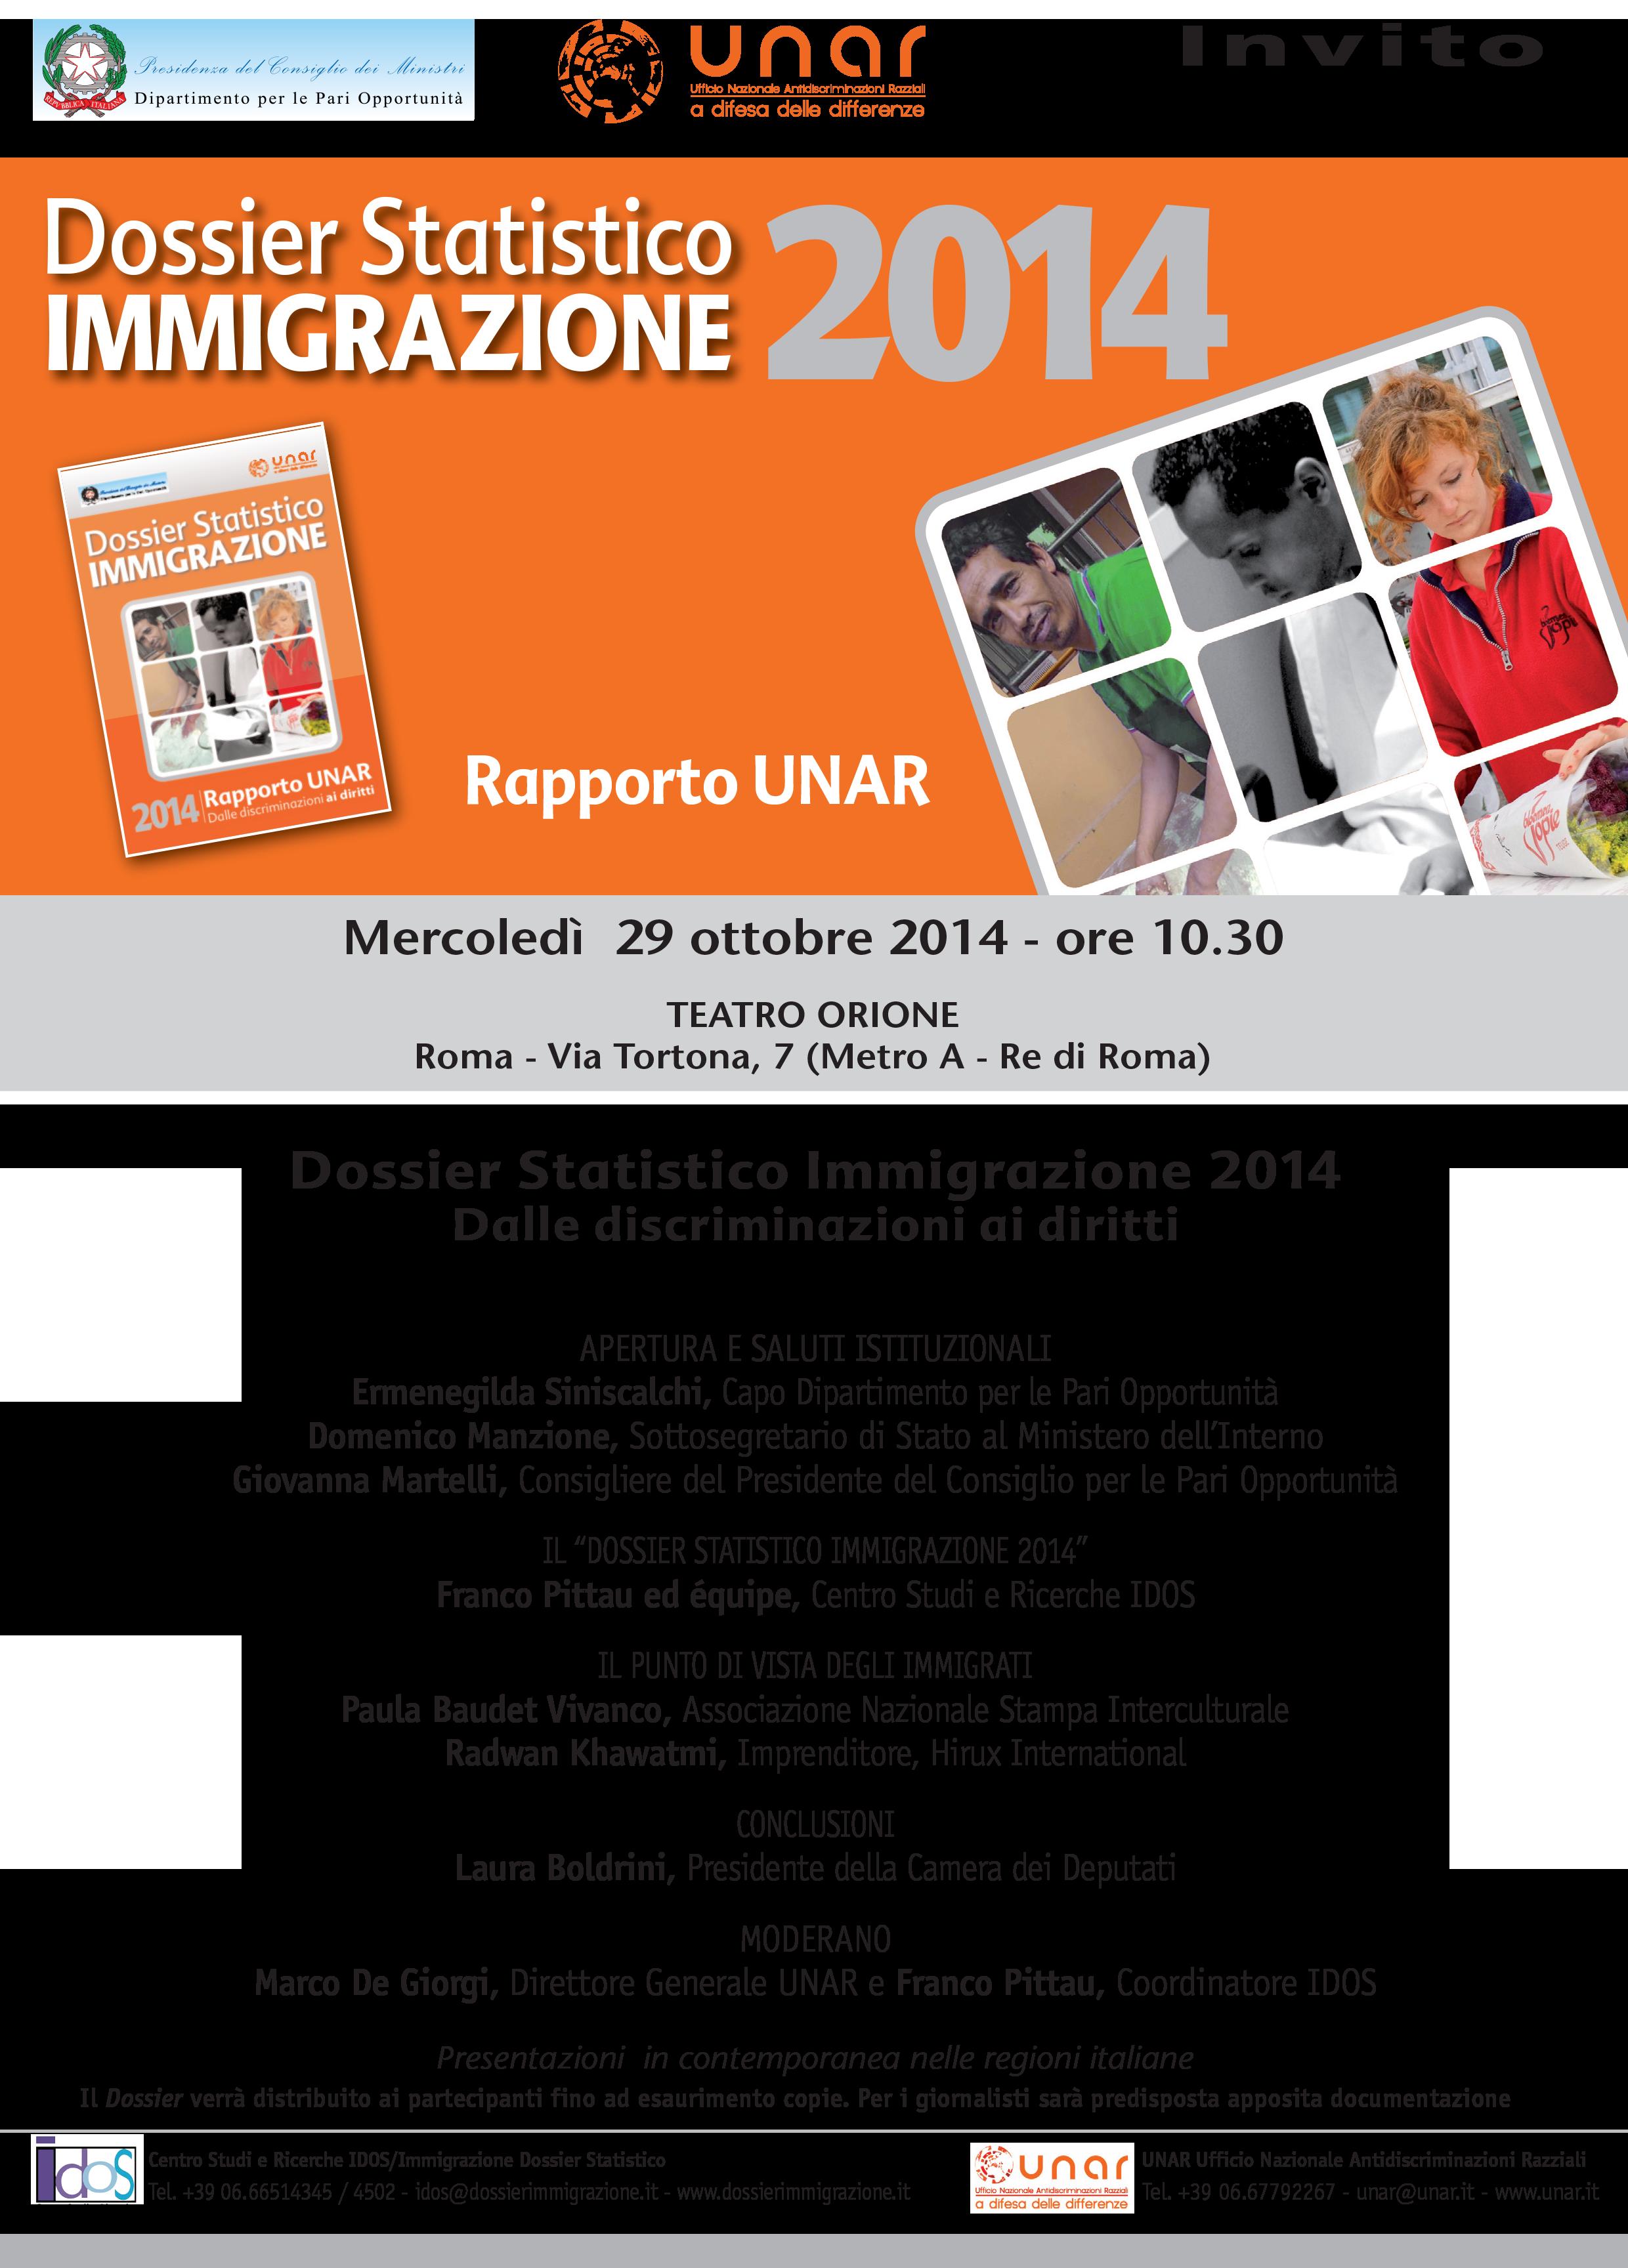 Dossier statistico immigrazione 2014